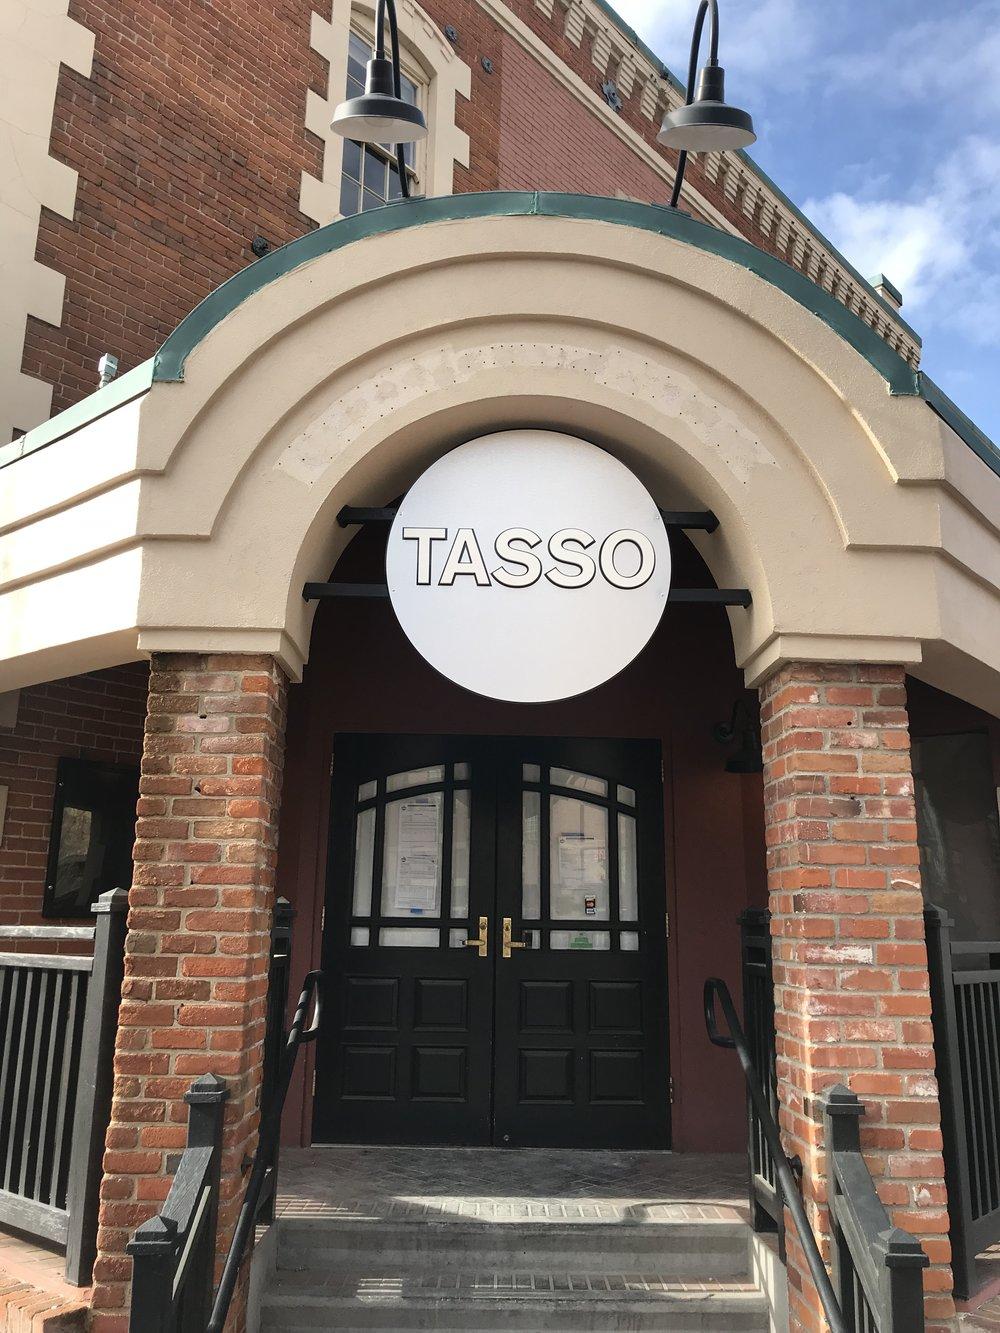 The entrance to the future Tasso. Photo by Joe Jaszewski